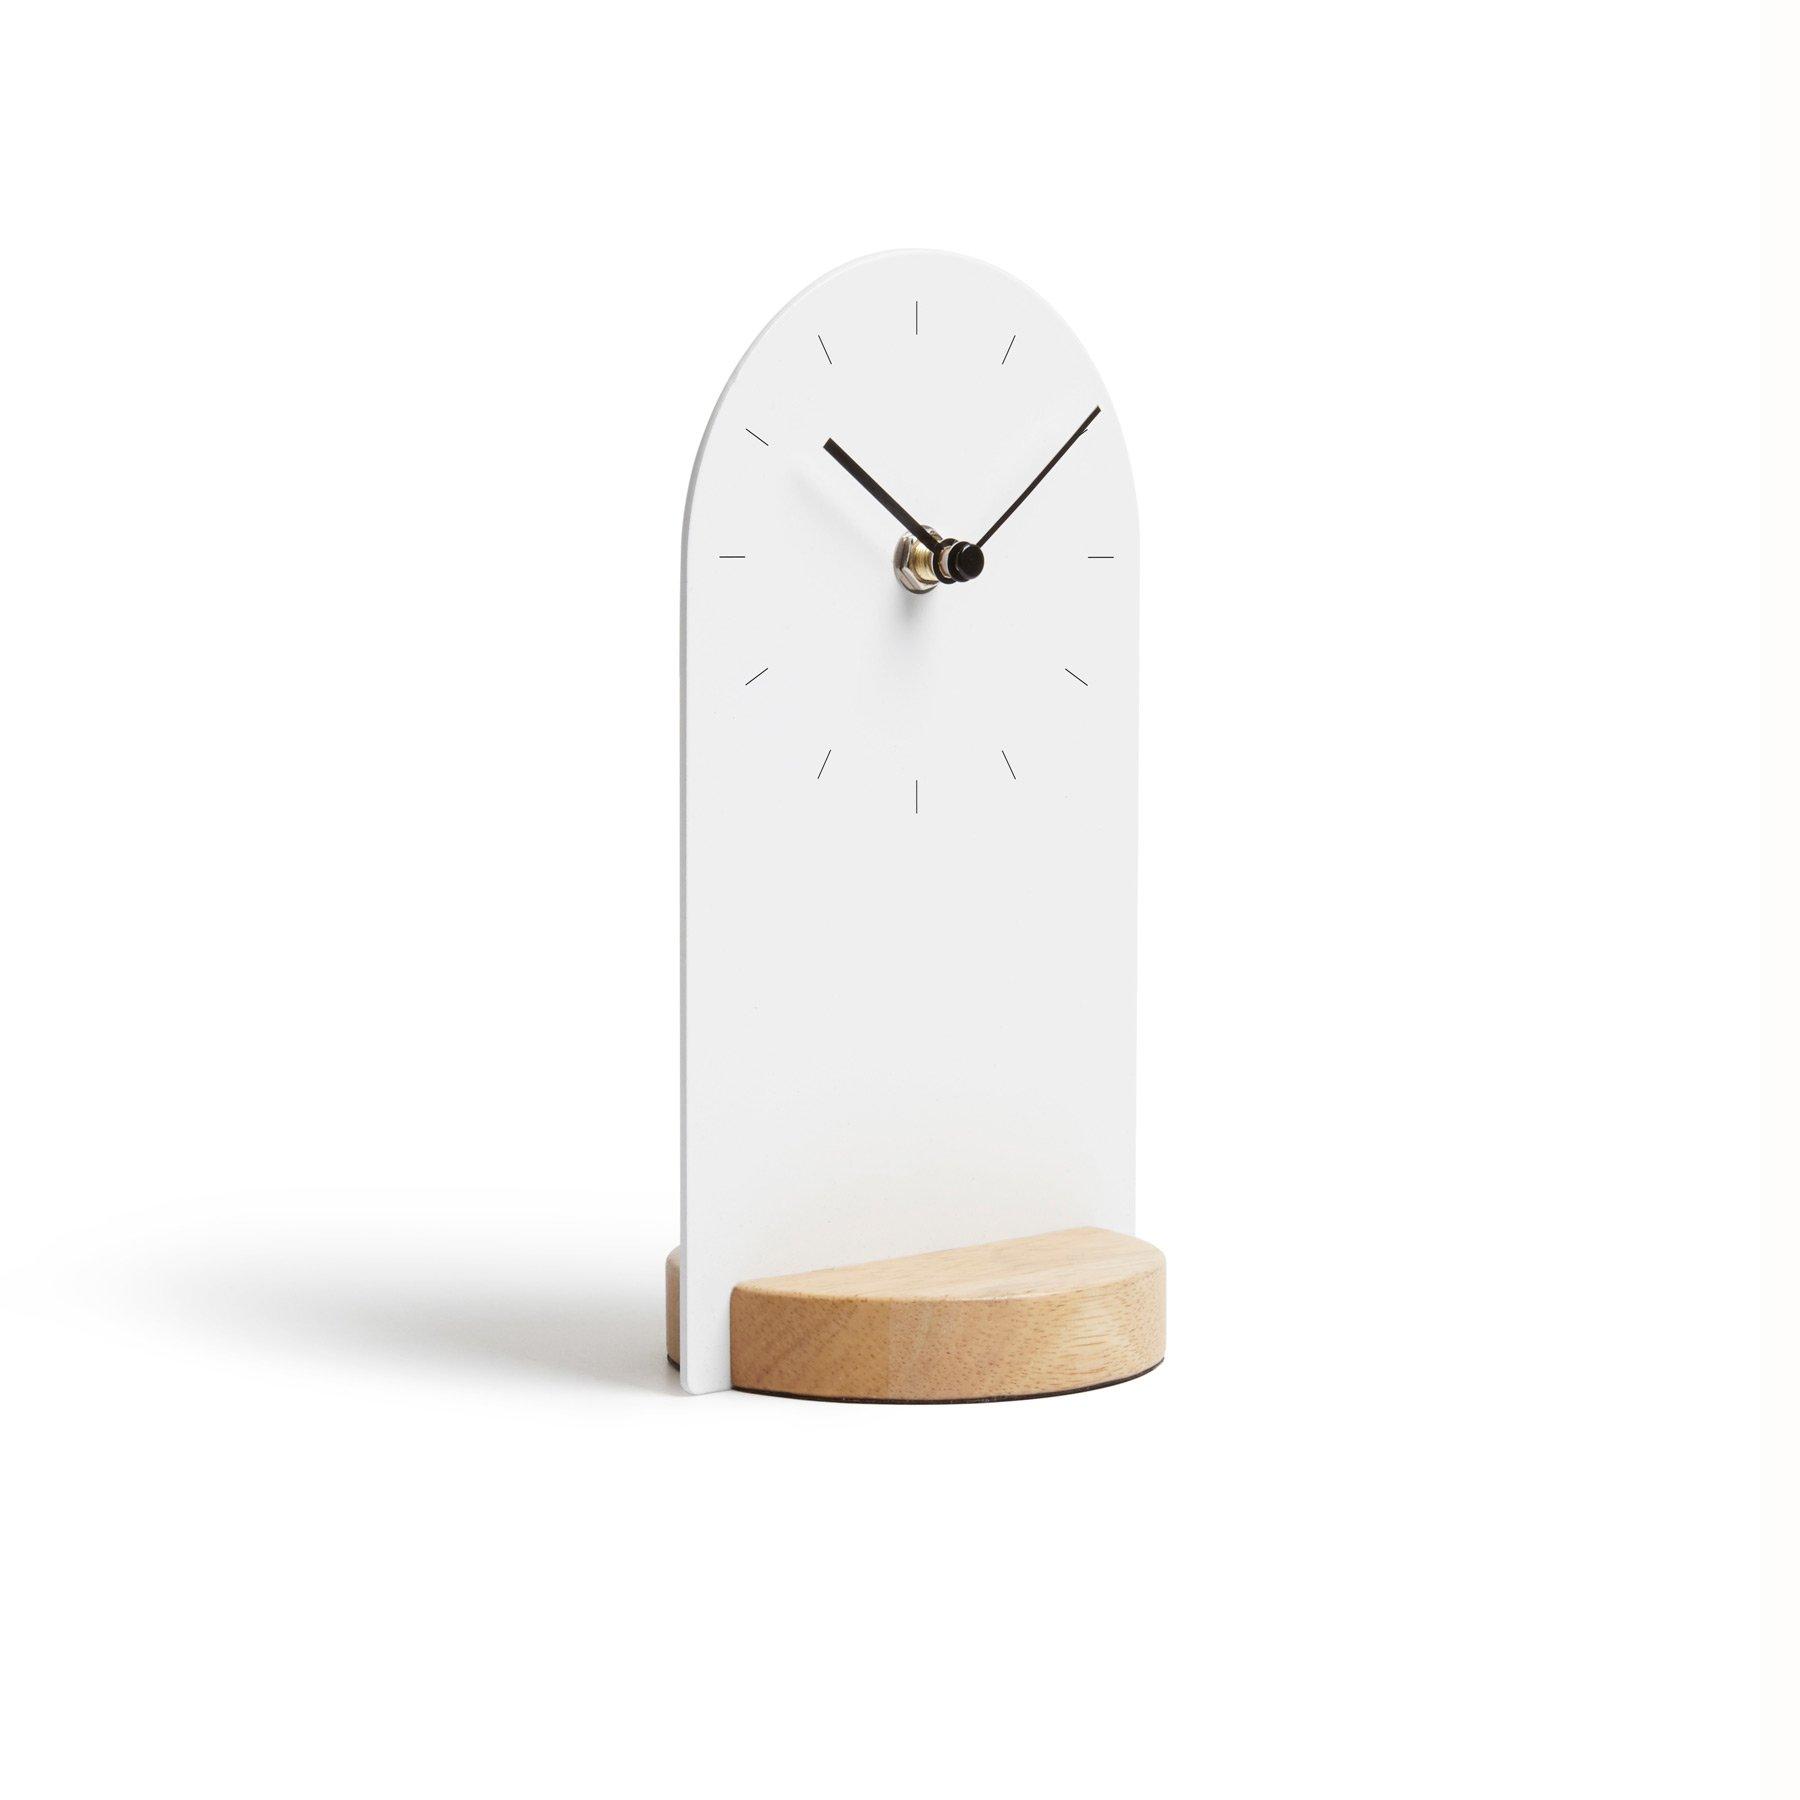 Sometime Desk Clock Umbra 118100 668 1